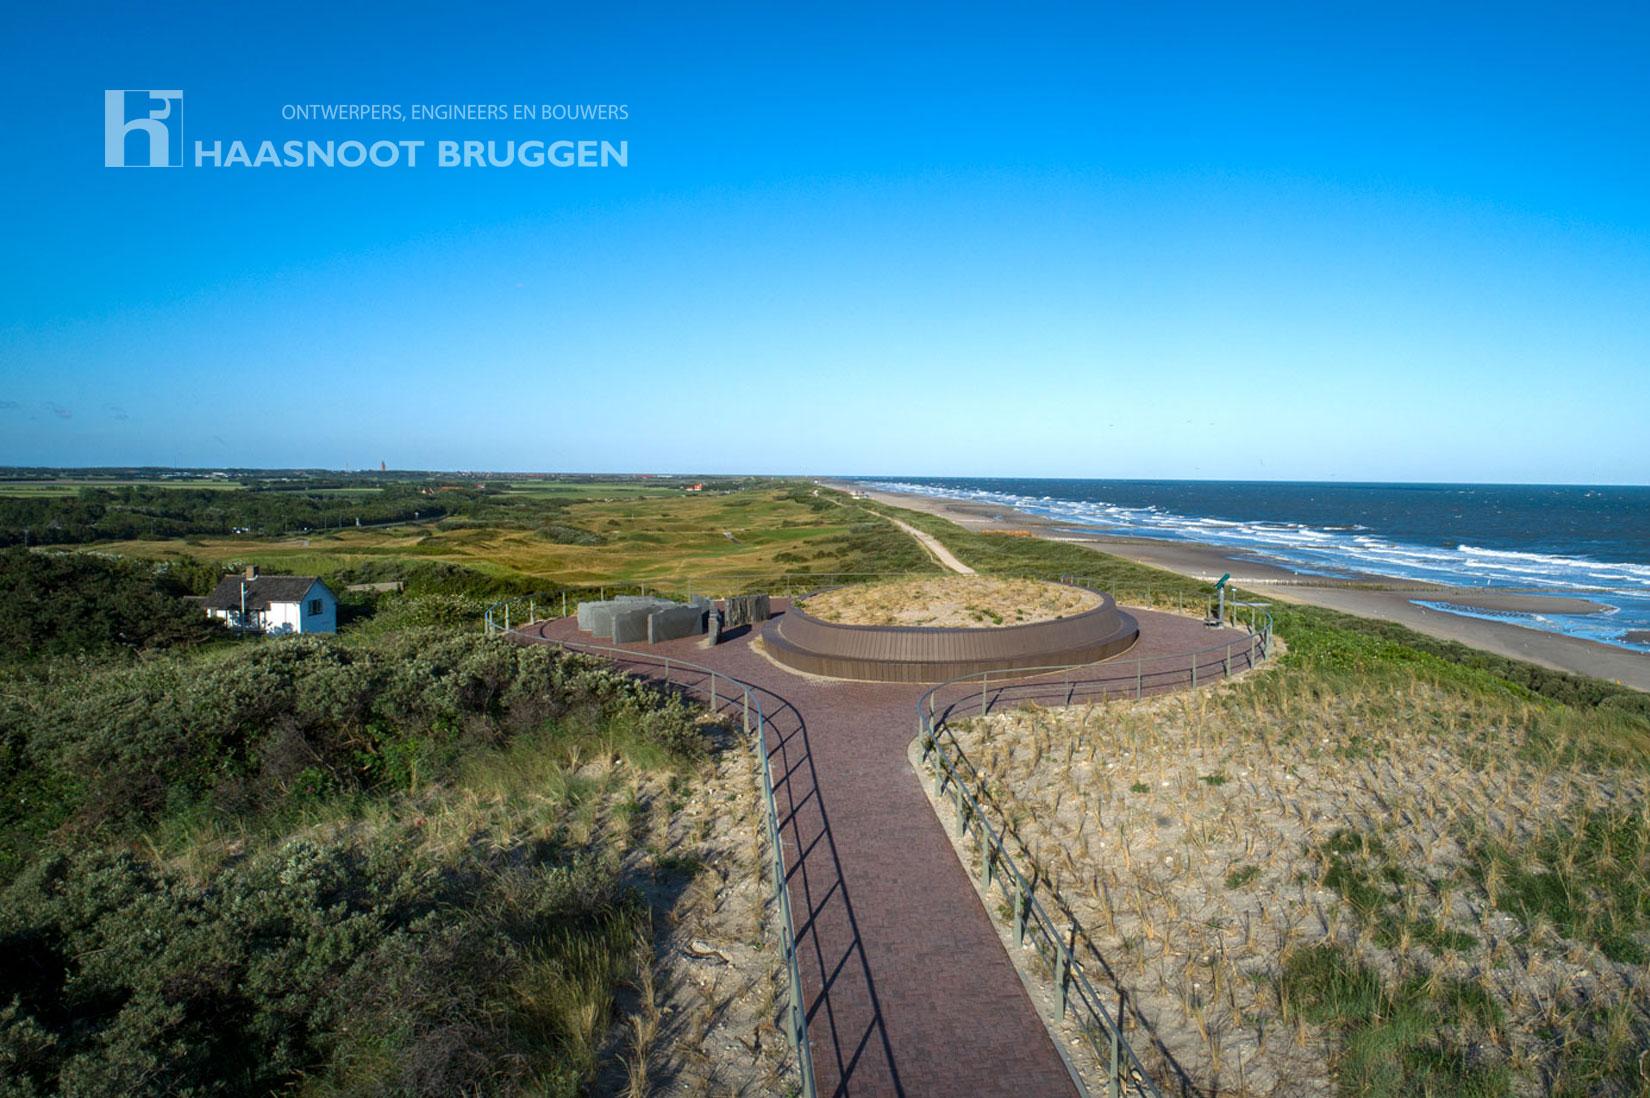 De Boulevard van Schagen in Domburg Zeeland Haasnoot Bruggen Bamboe composiet